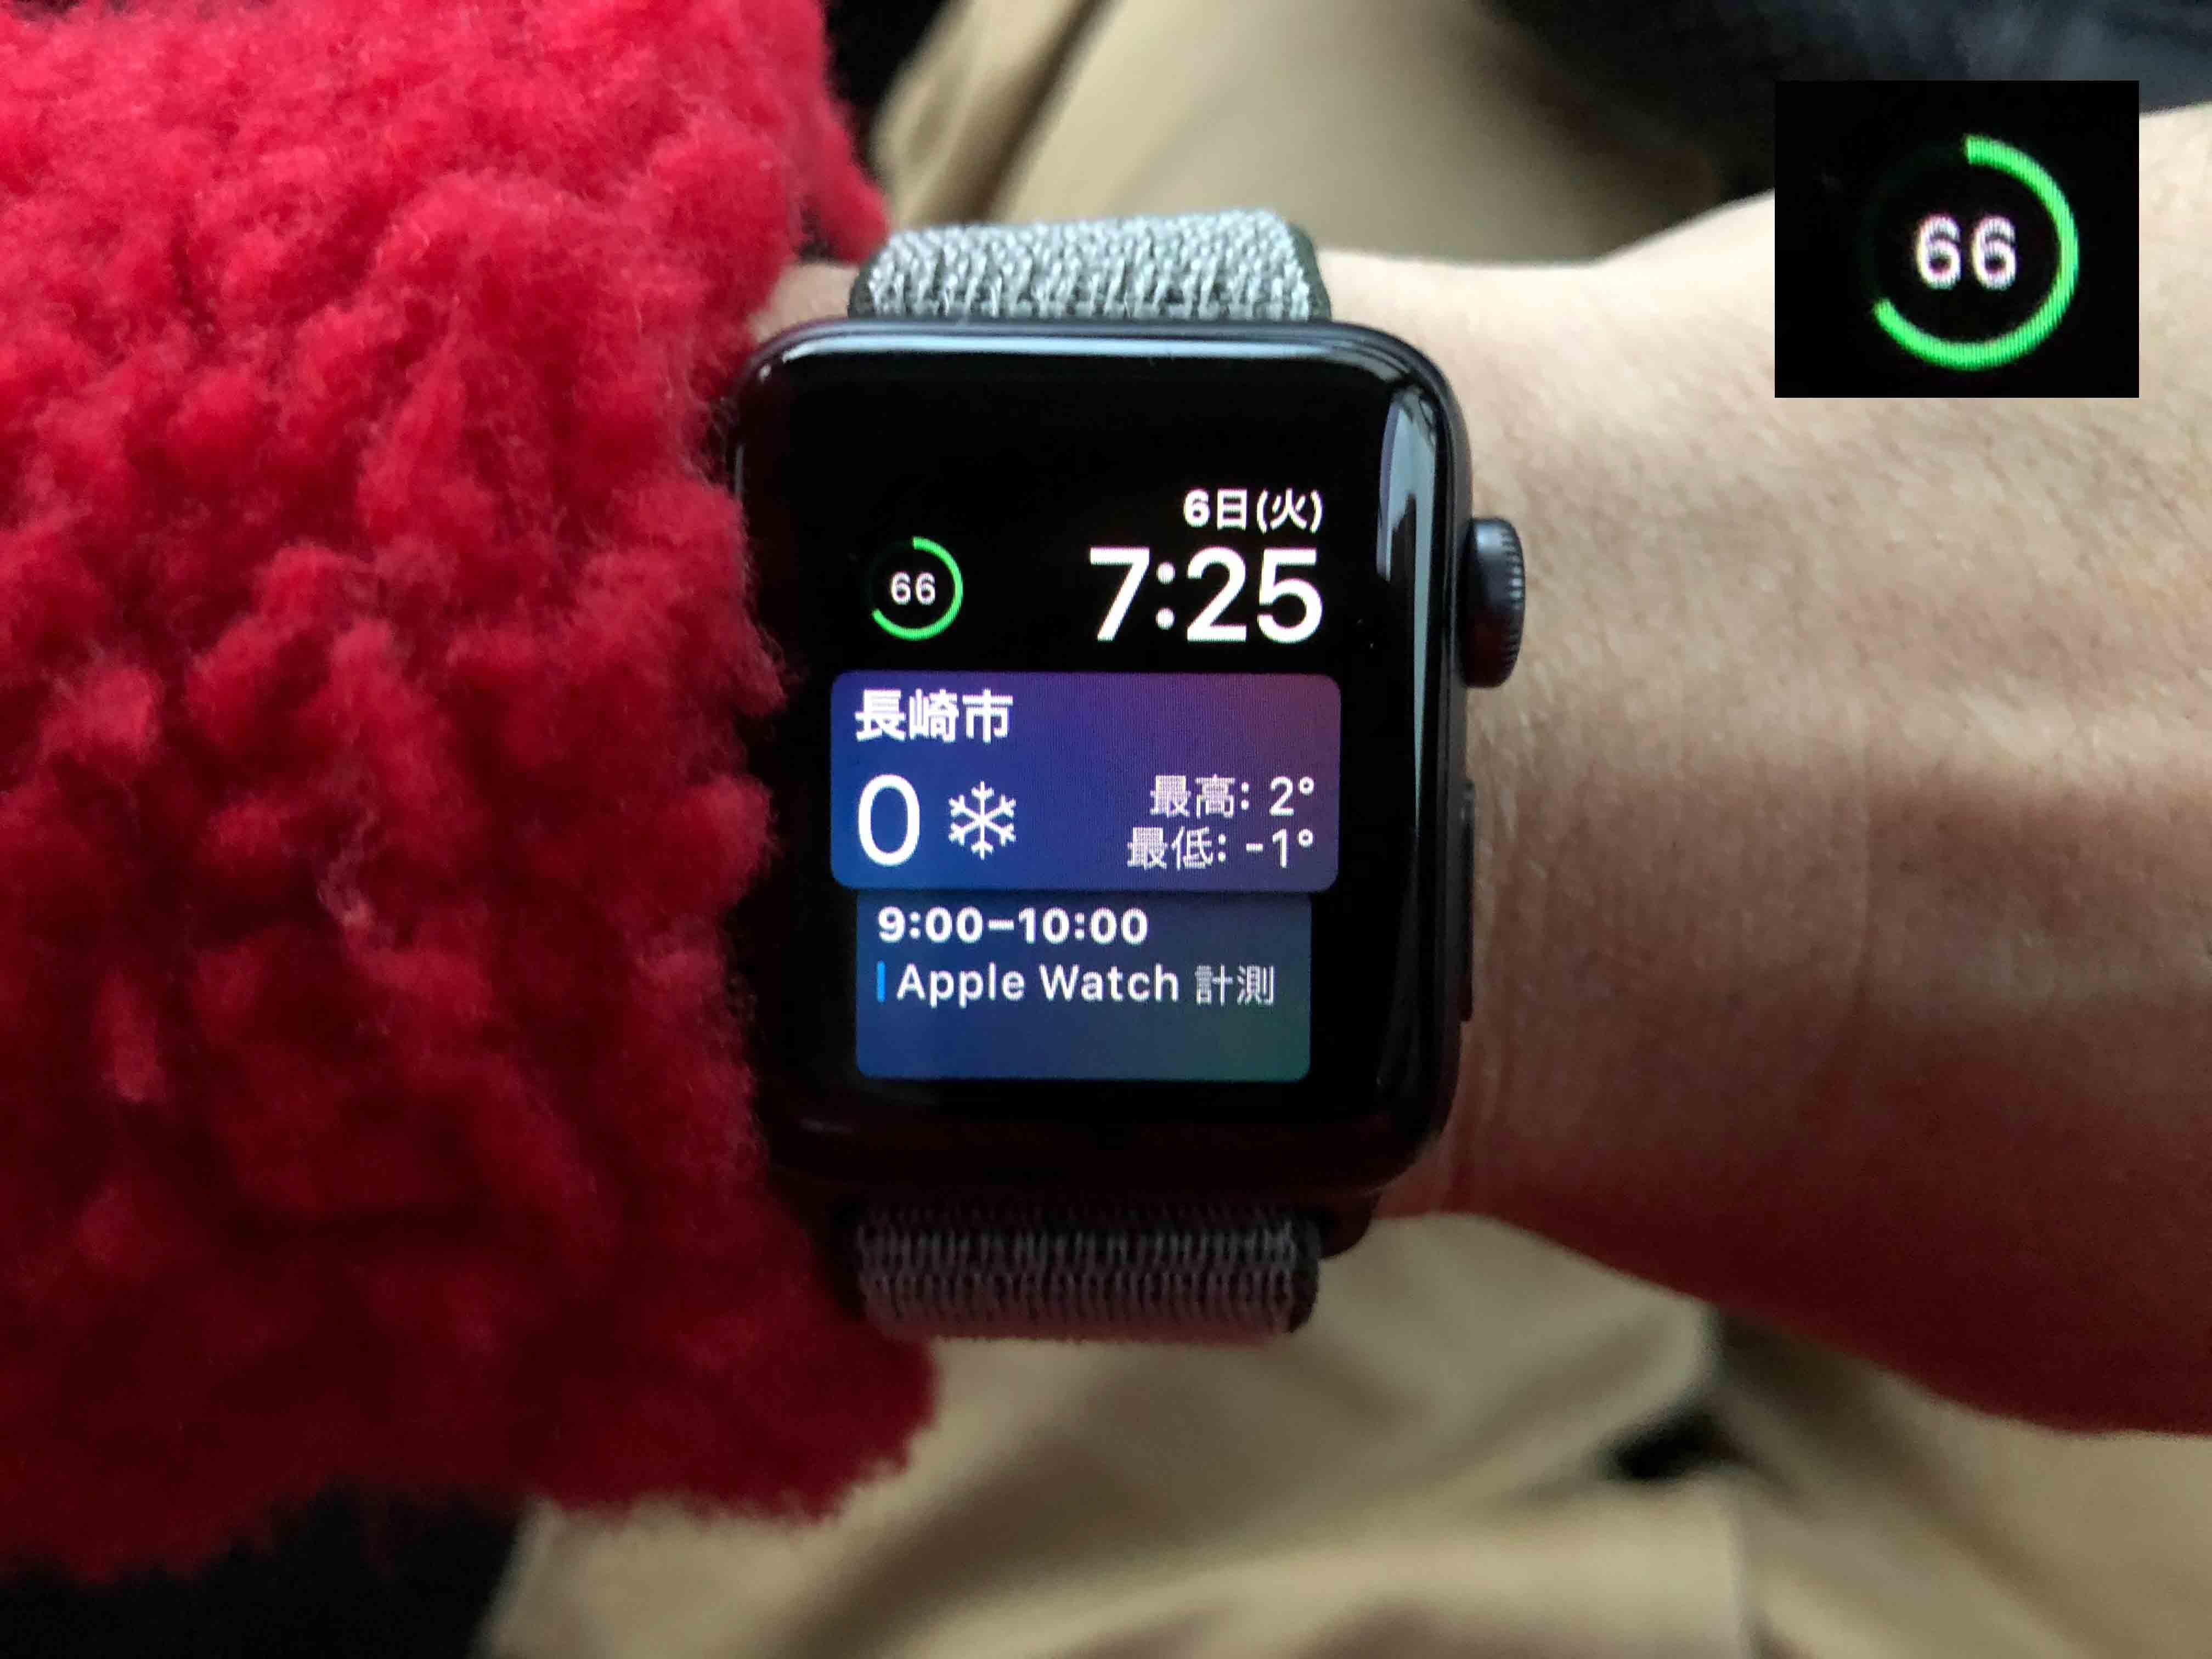 AppleWatchバッテリー66%に関する写真